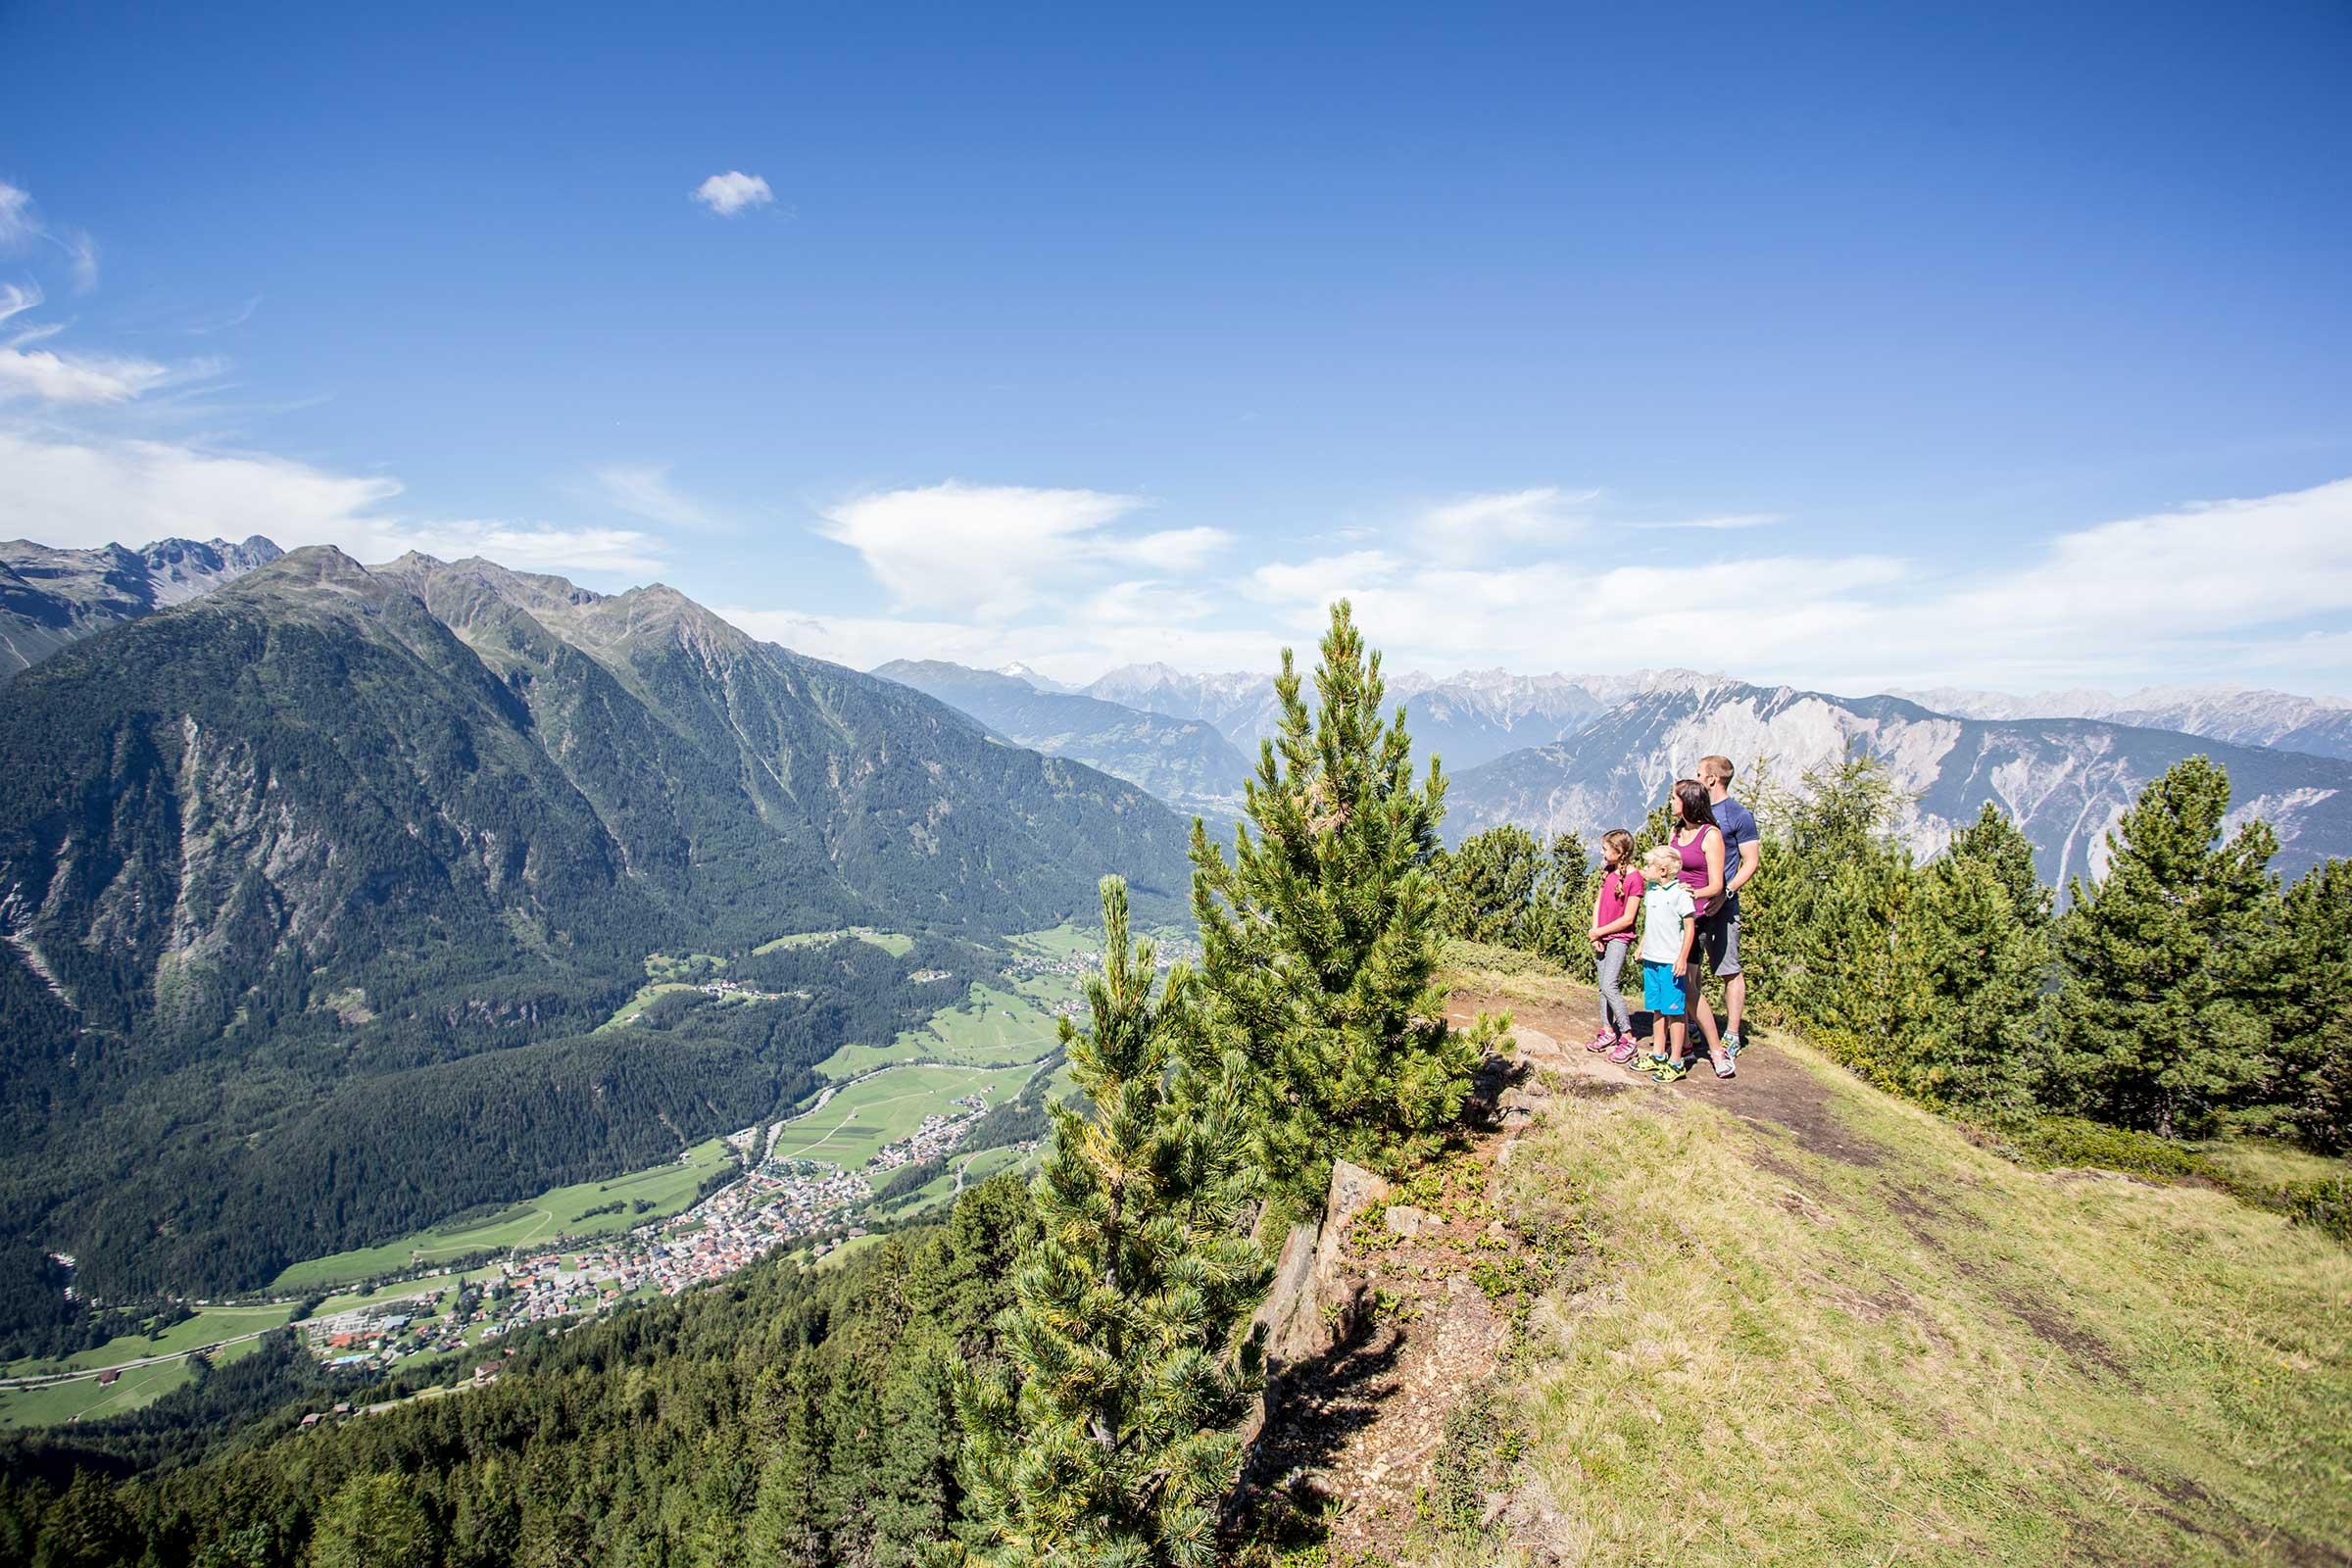 Familienwandern in Hochoetz - Digitale Wandernadeln sammeln